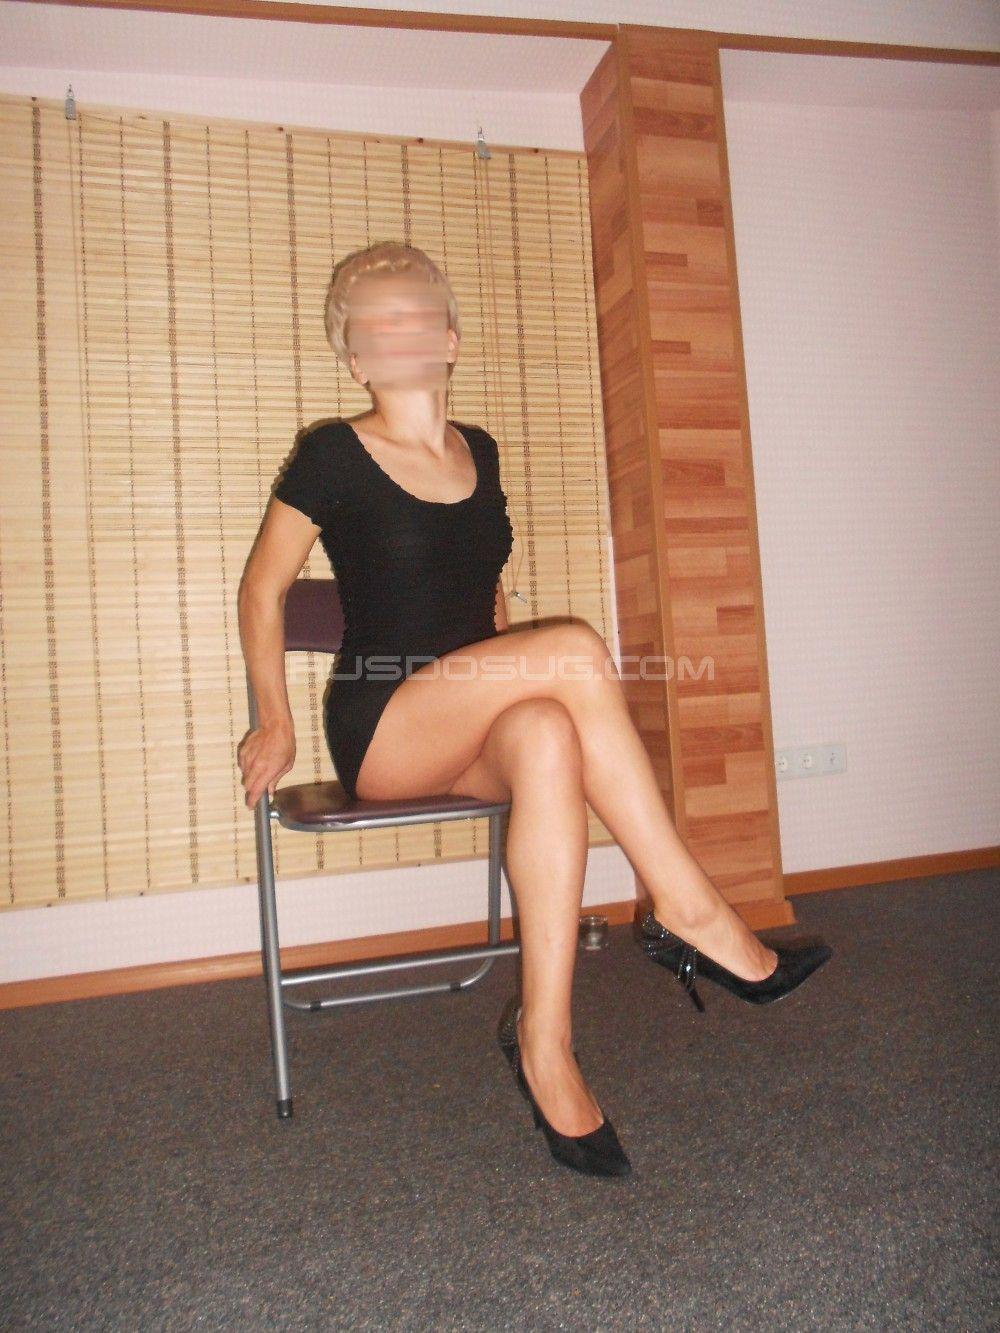 Трамплинг проститутки москва 26 фотография